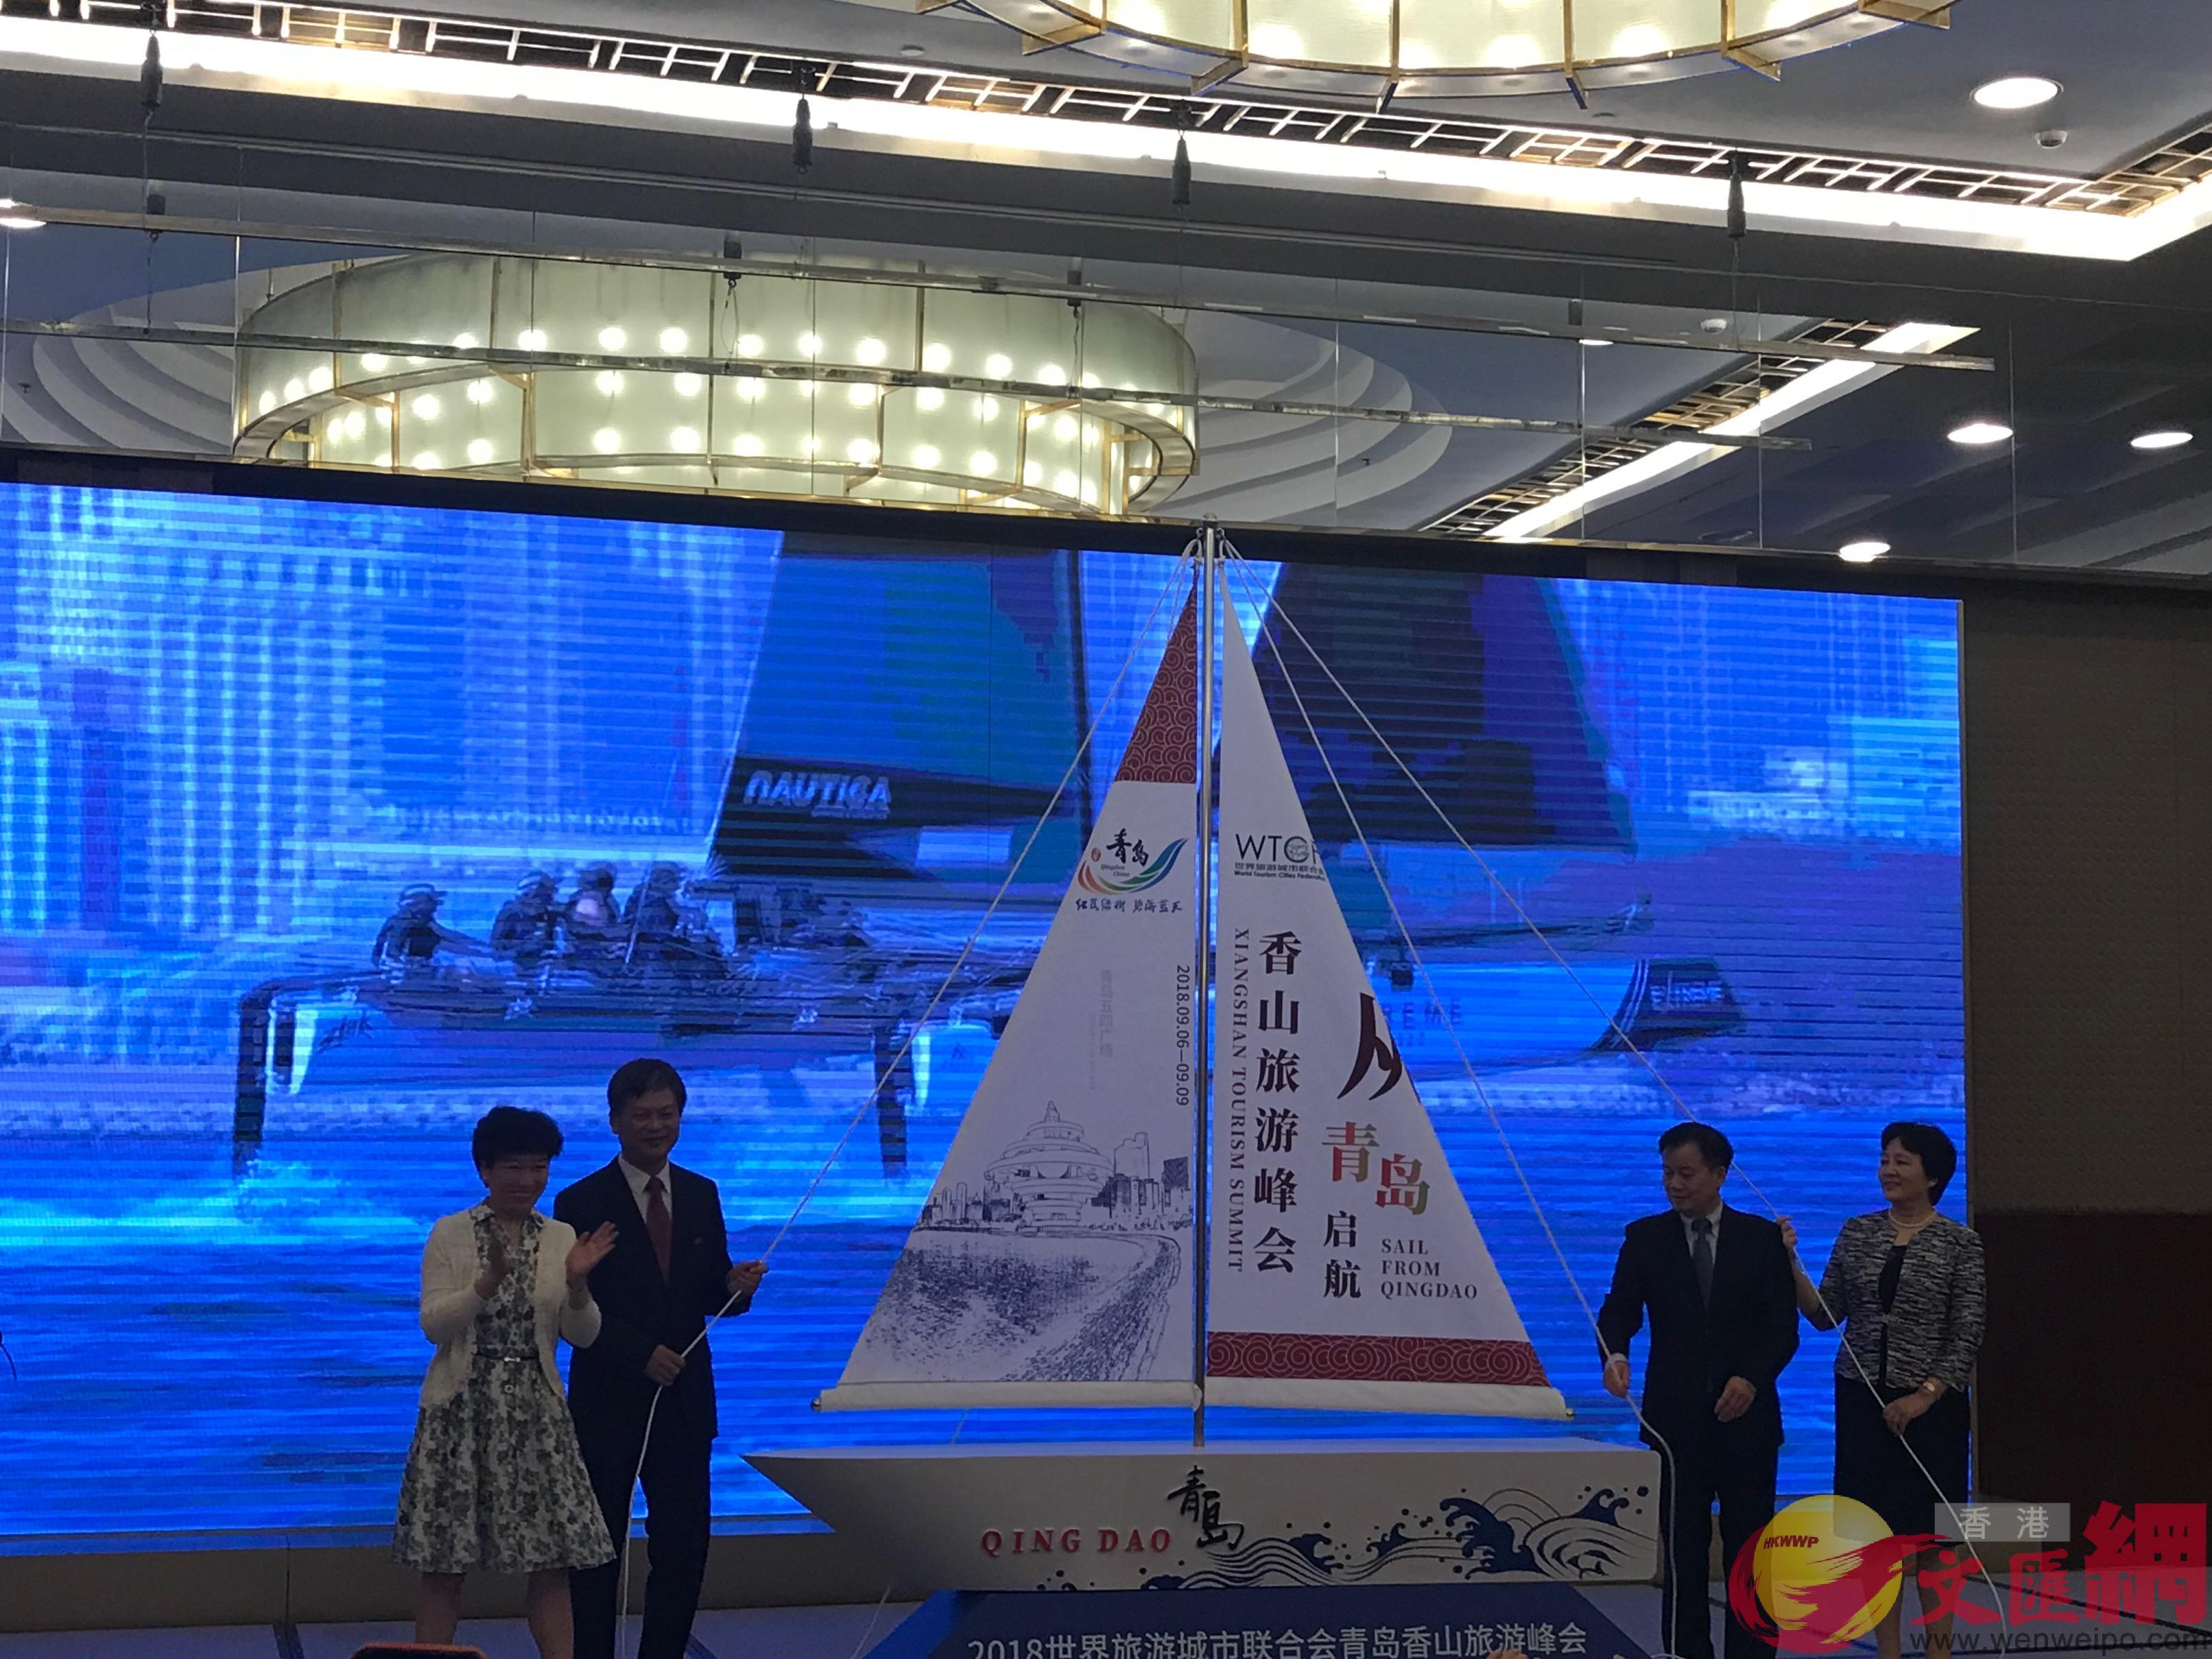 與會嘉賓共同升起「青島之帆」。(張聰 攝)